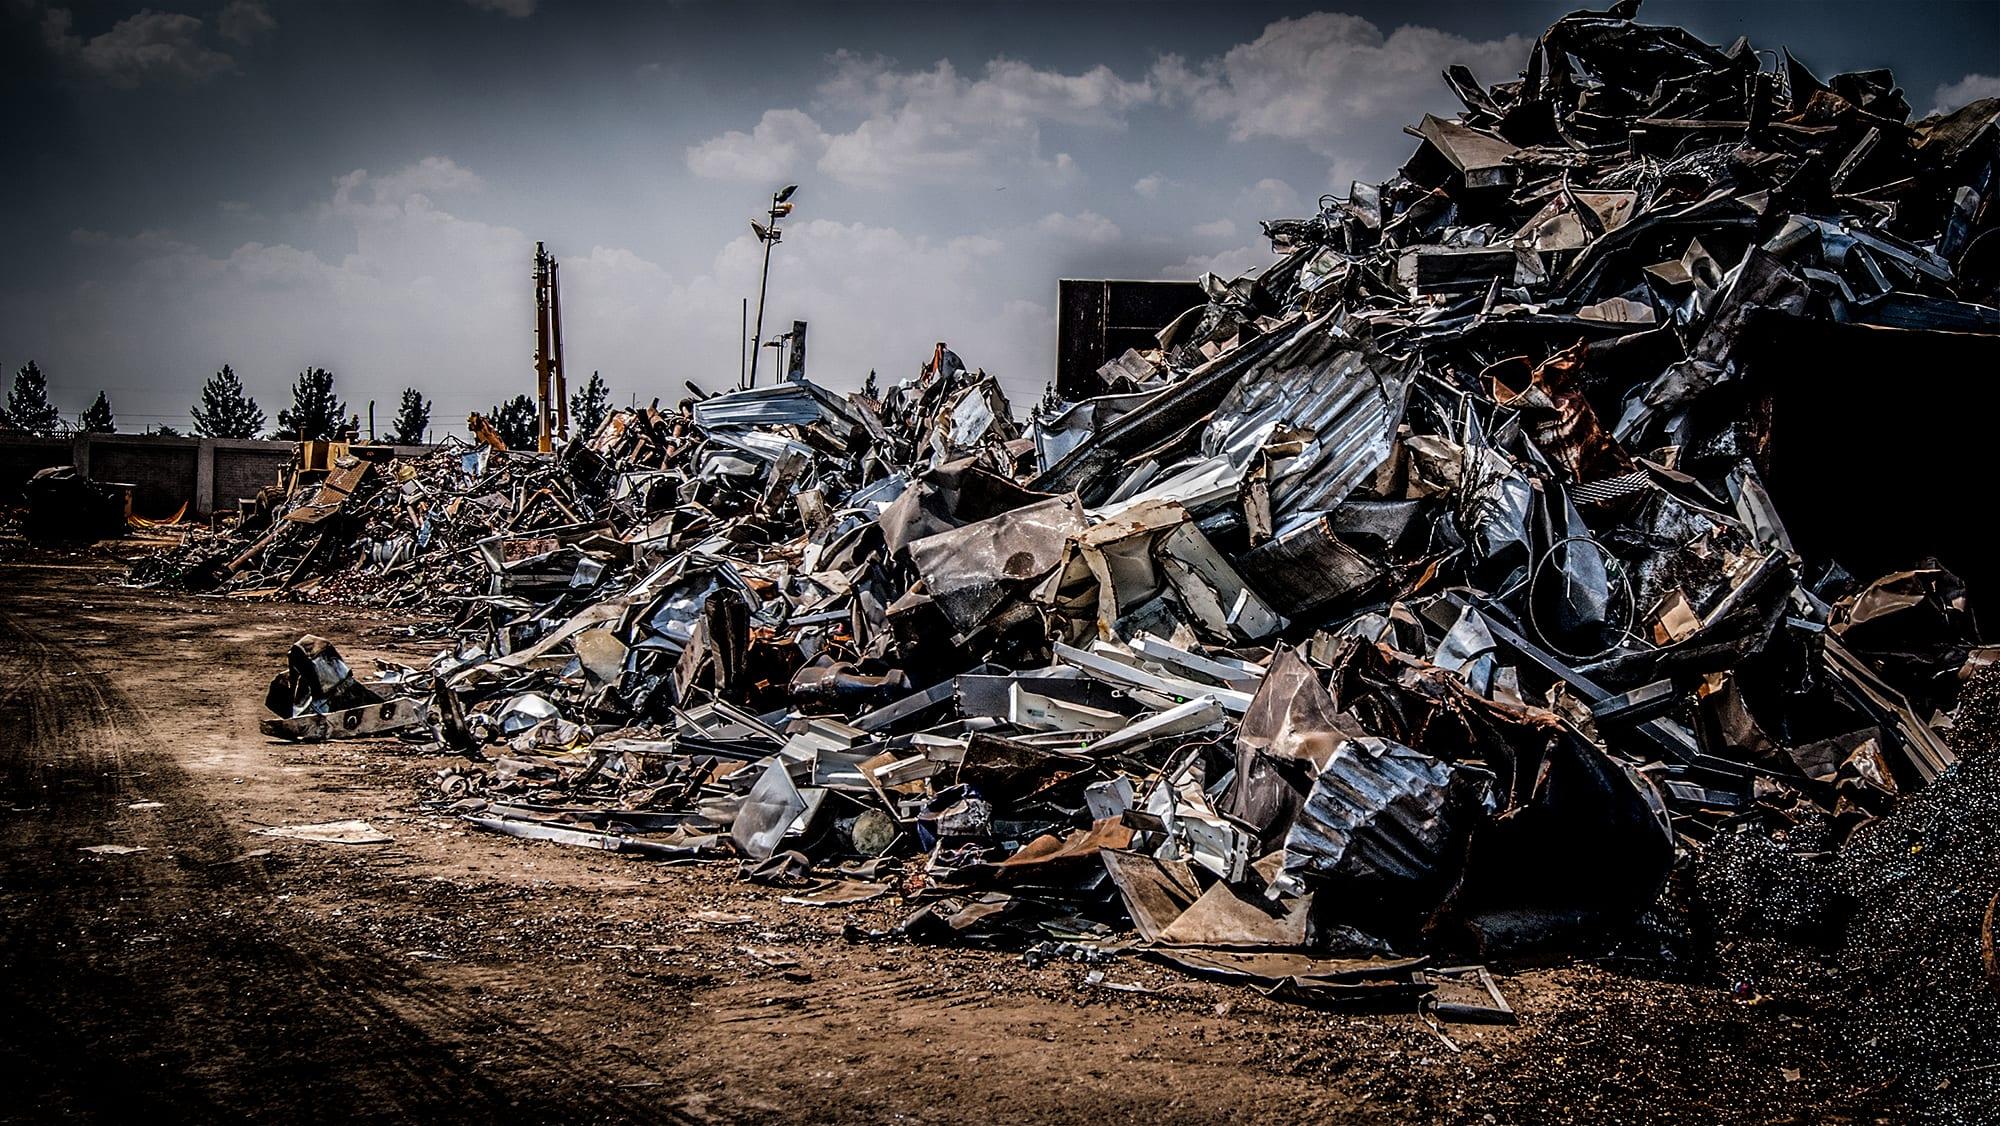 metal-scrapyard